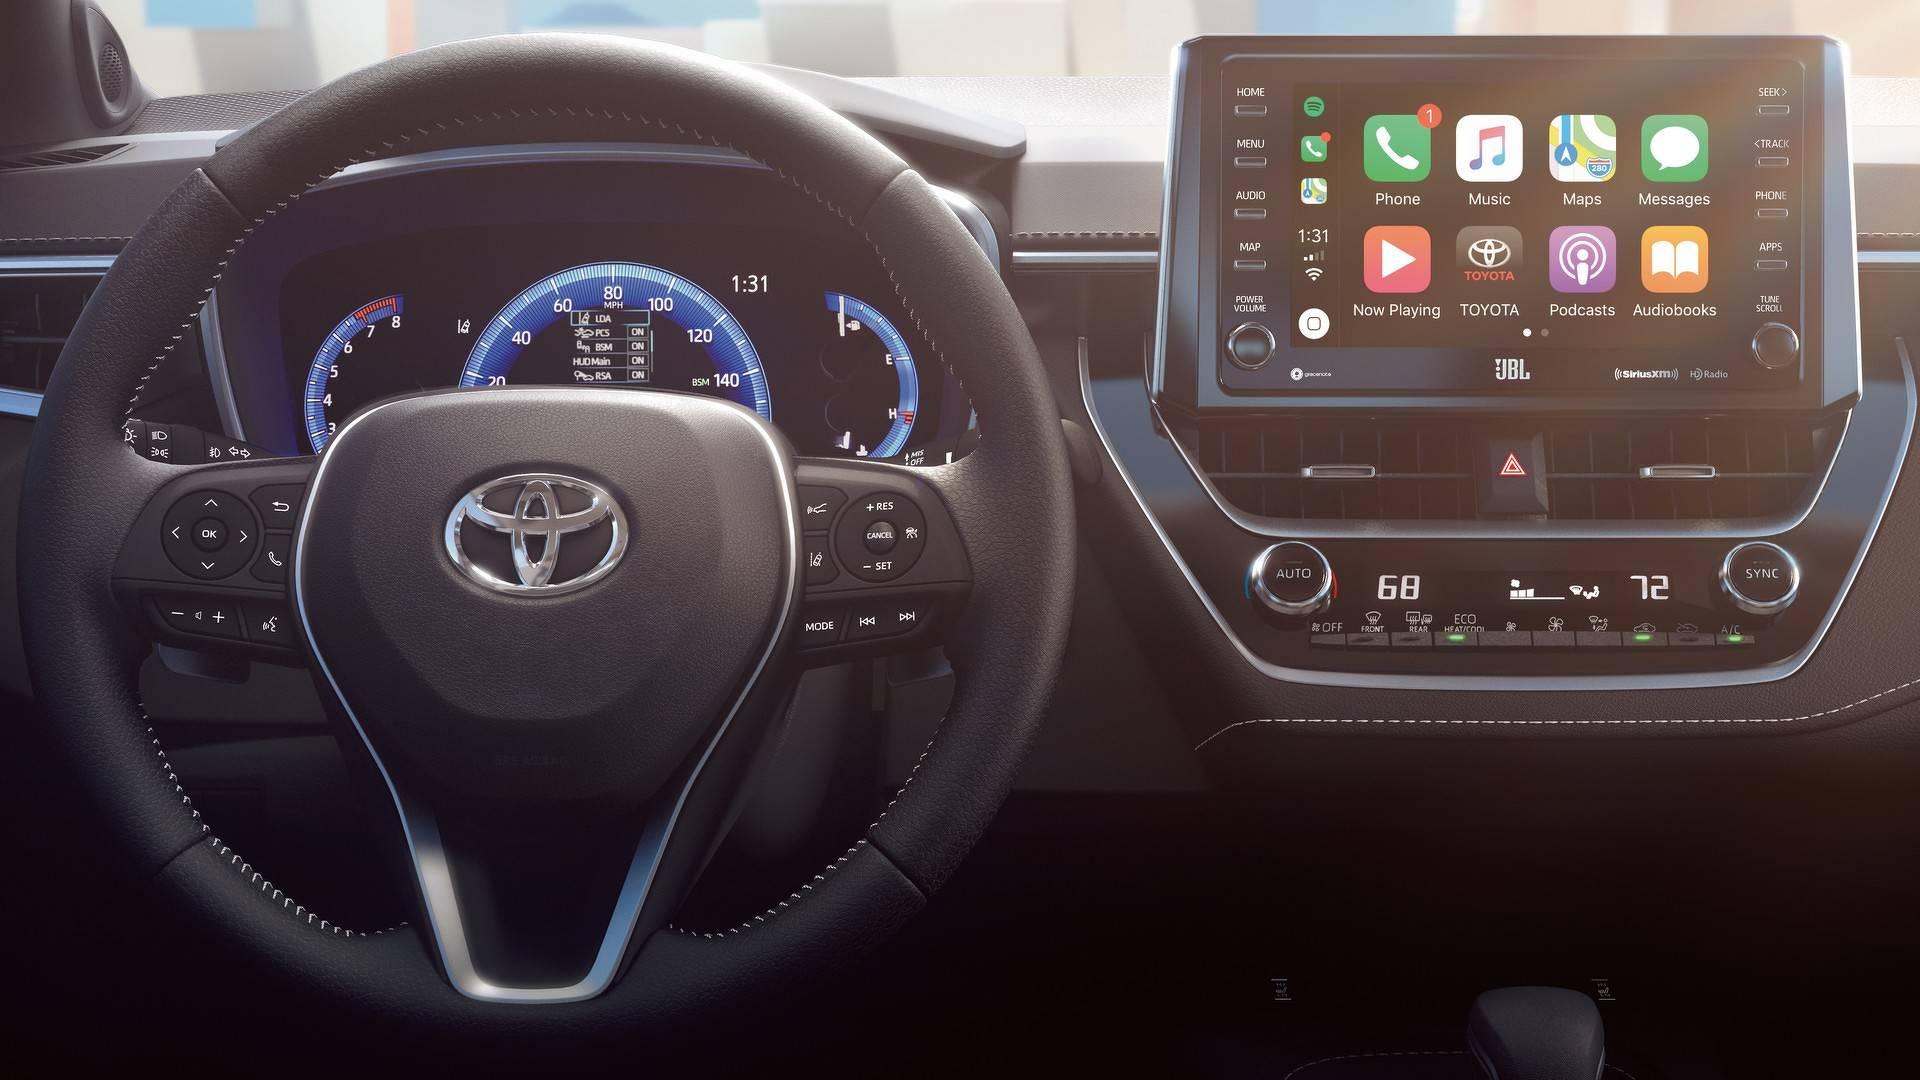 2019_Toyota_Corolla_Hatchback_0018